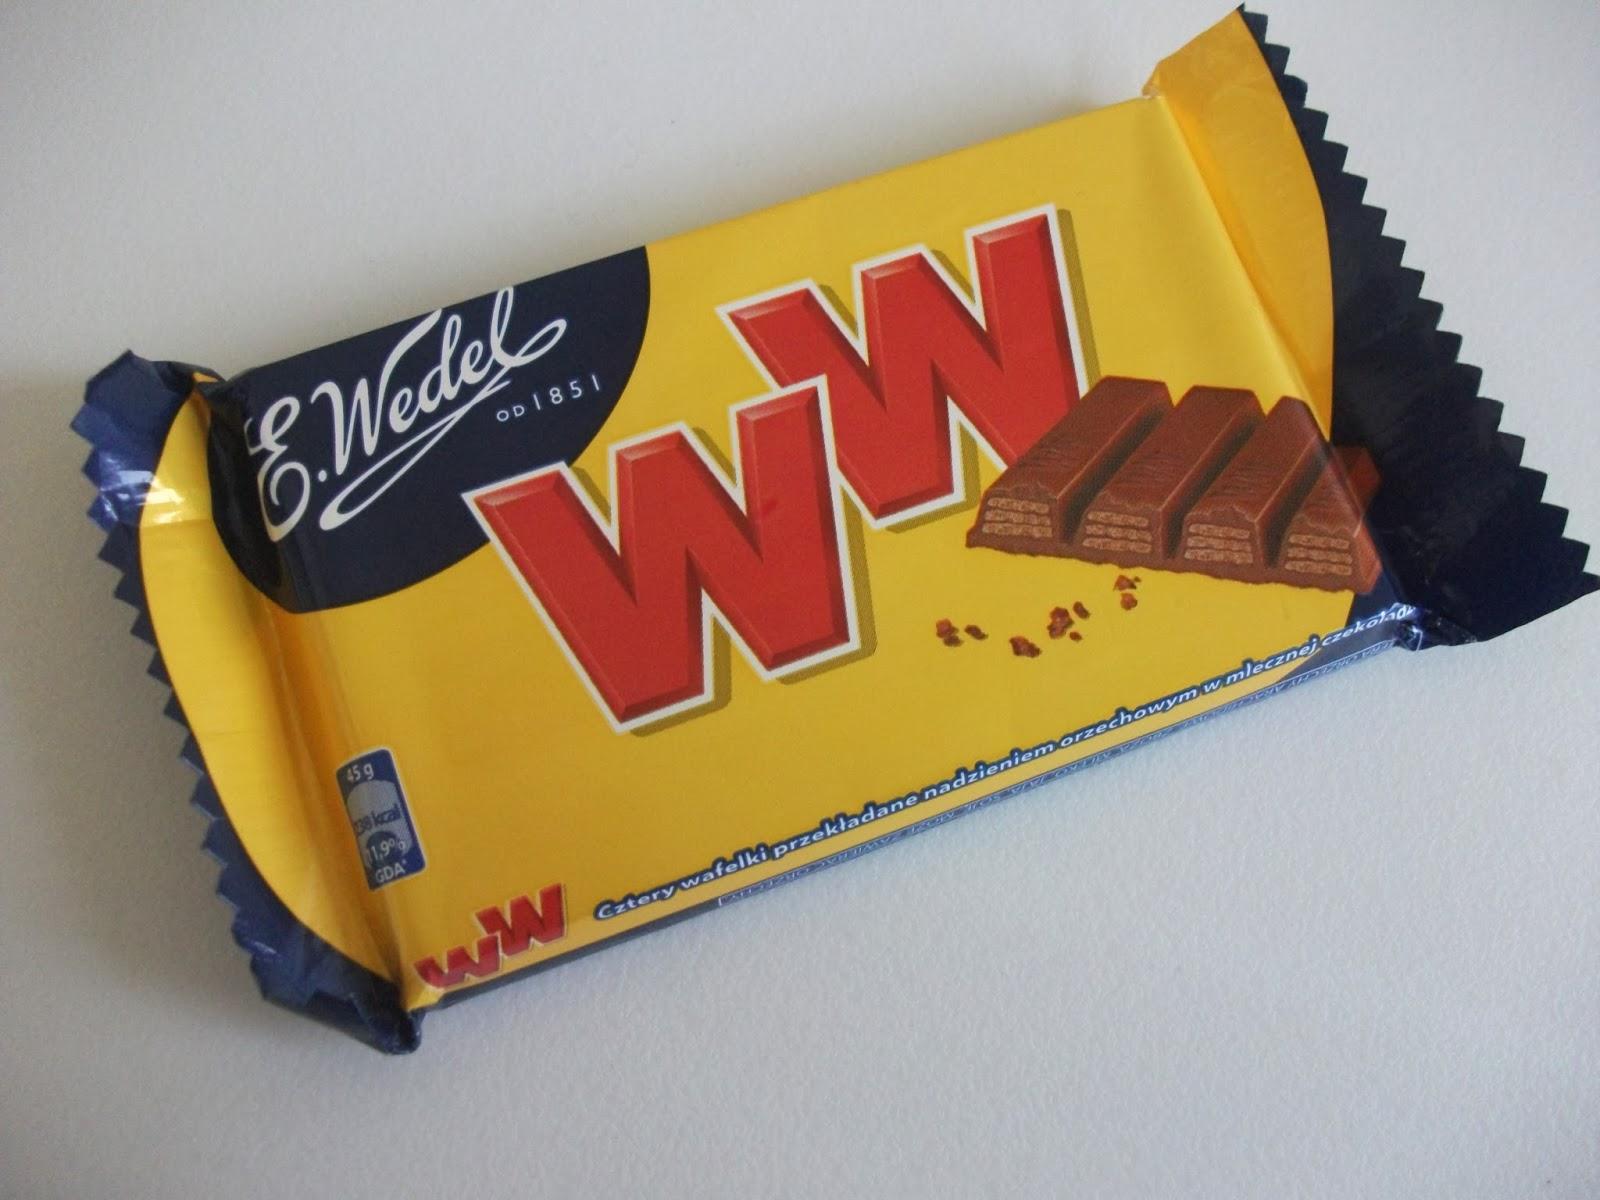 wedel ww wafer bar